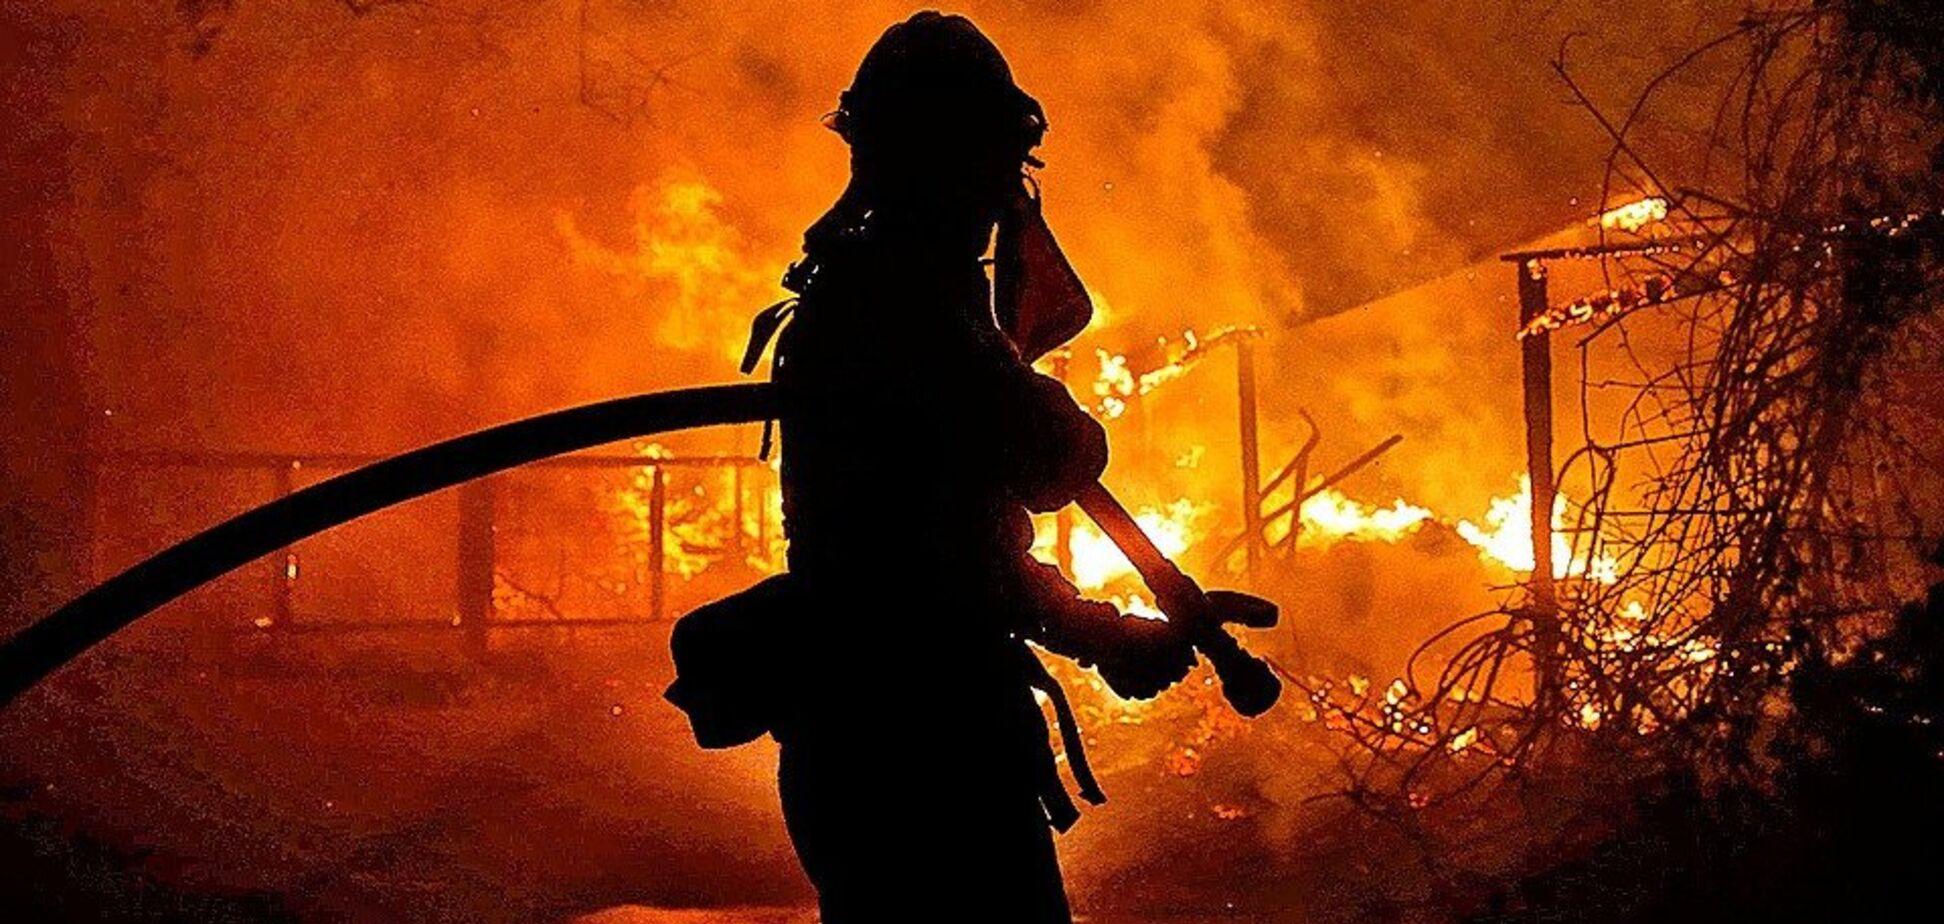 В Донецке сгорел завод: видео мощного пожара